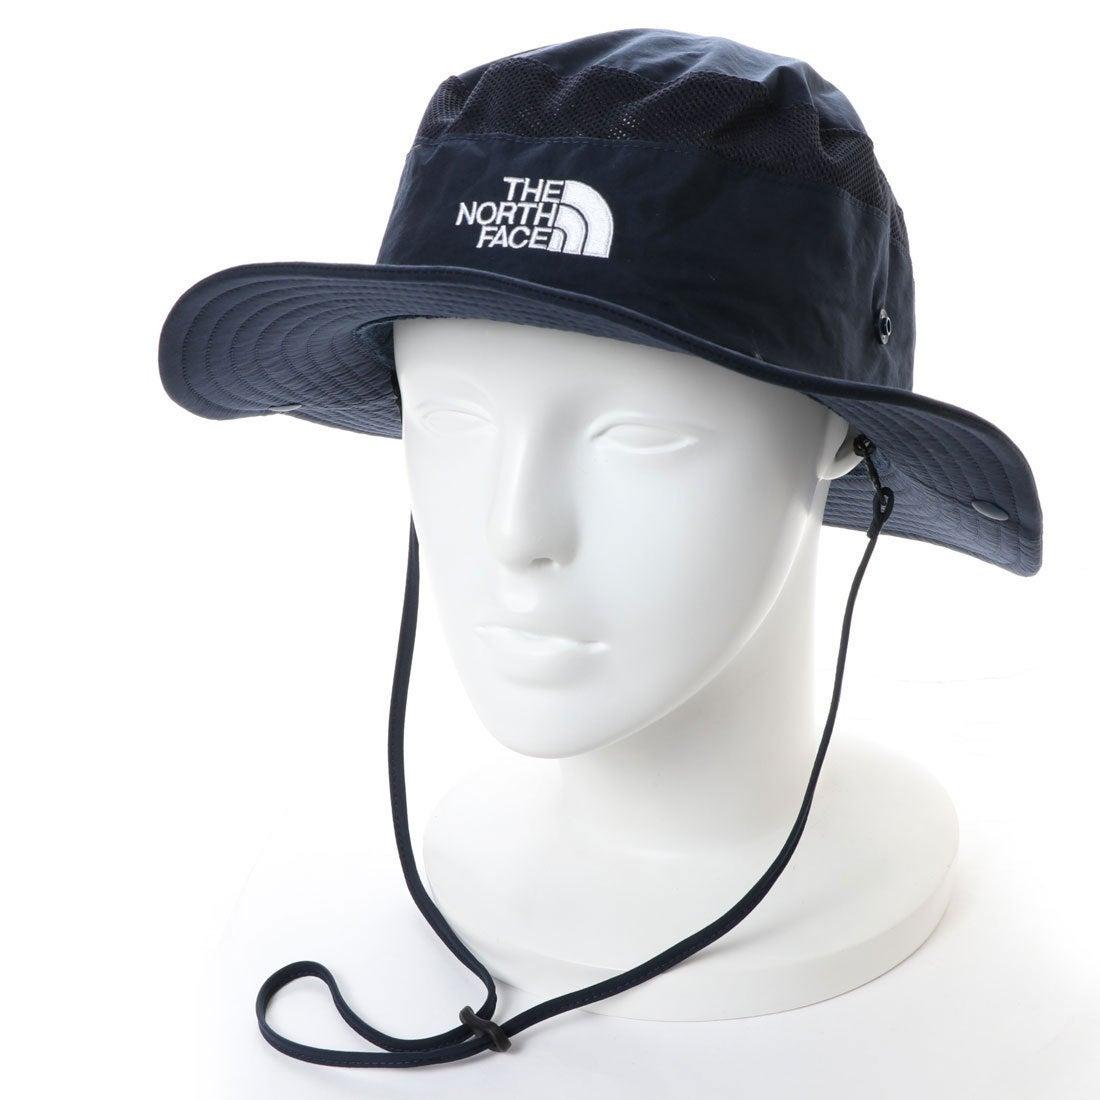 ザ ノース フェイス THE NORTH FACE トレッキング 帽子 BRIMMER HAT NN01806 レディース